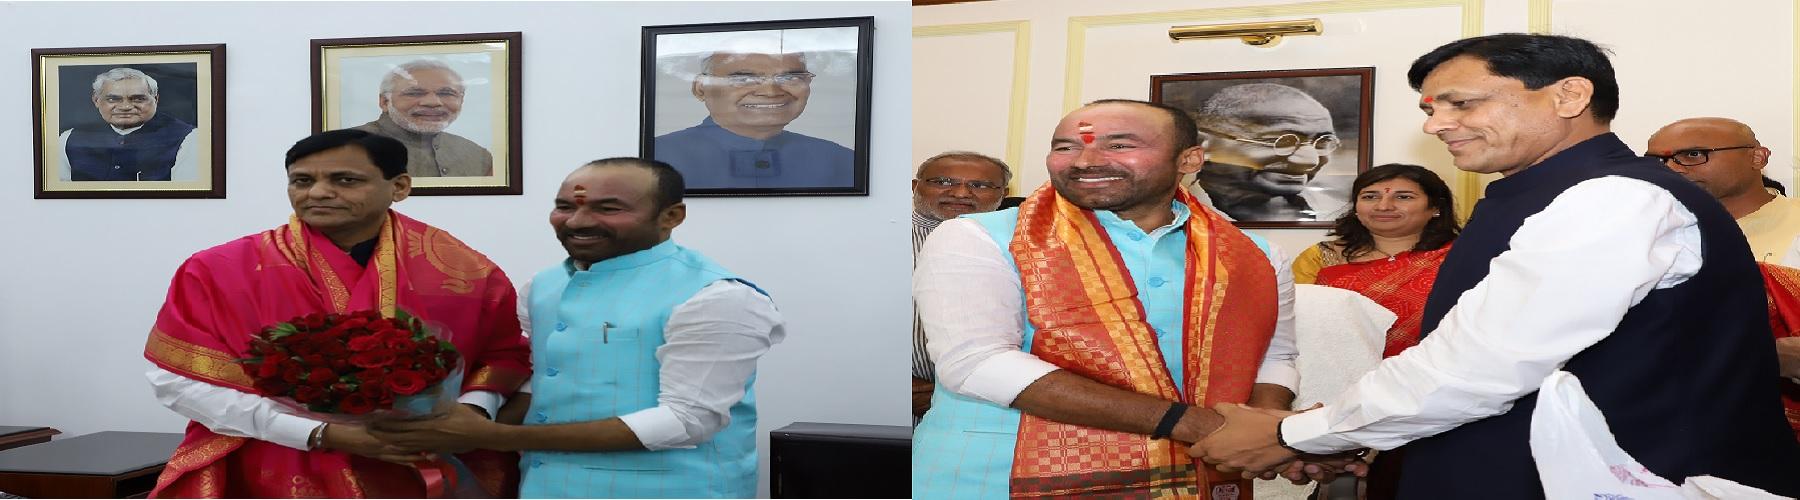 श्री जी. किशन रेड्डी, केन्द्रीय गृह राज्य मंत्री और श्री नित्यानंद राय, केन्द्रीय गृह राज्य मंत्री शनिवार 01 जून, 2019 को नई दिल्ली में पदभार ग्रहण करने के पश्चात आपस में अभिवादन करते हुए।